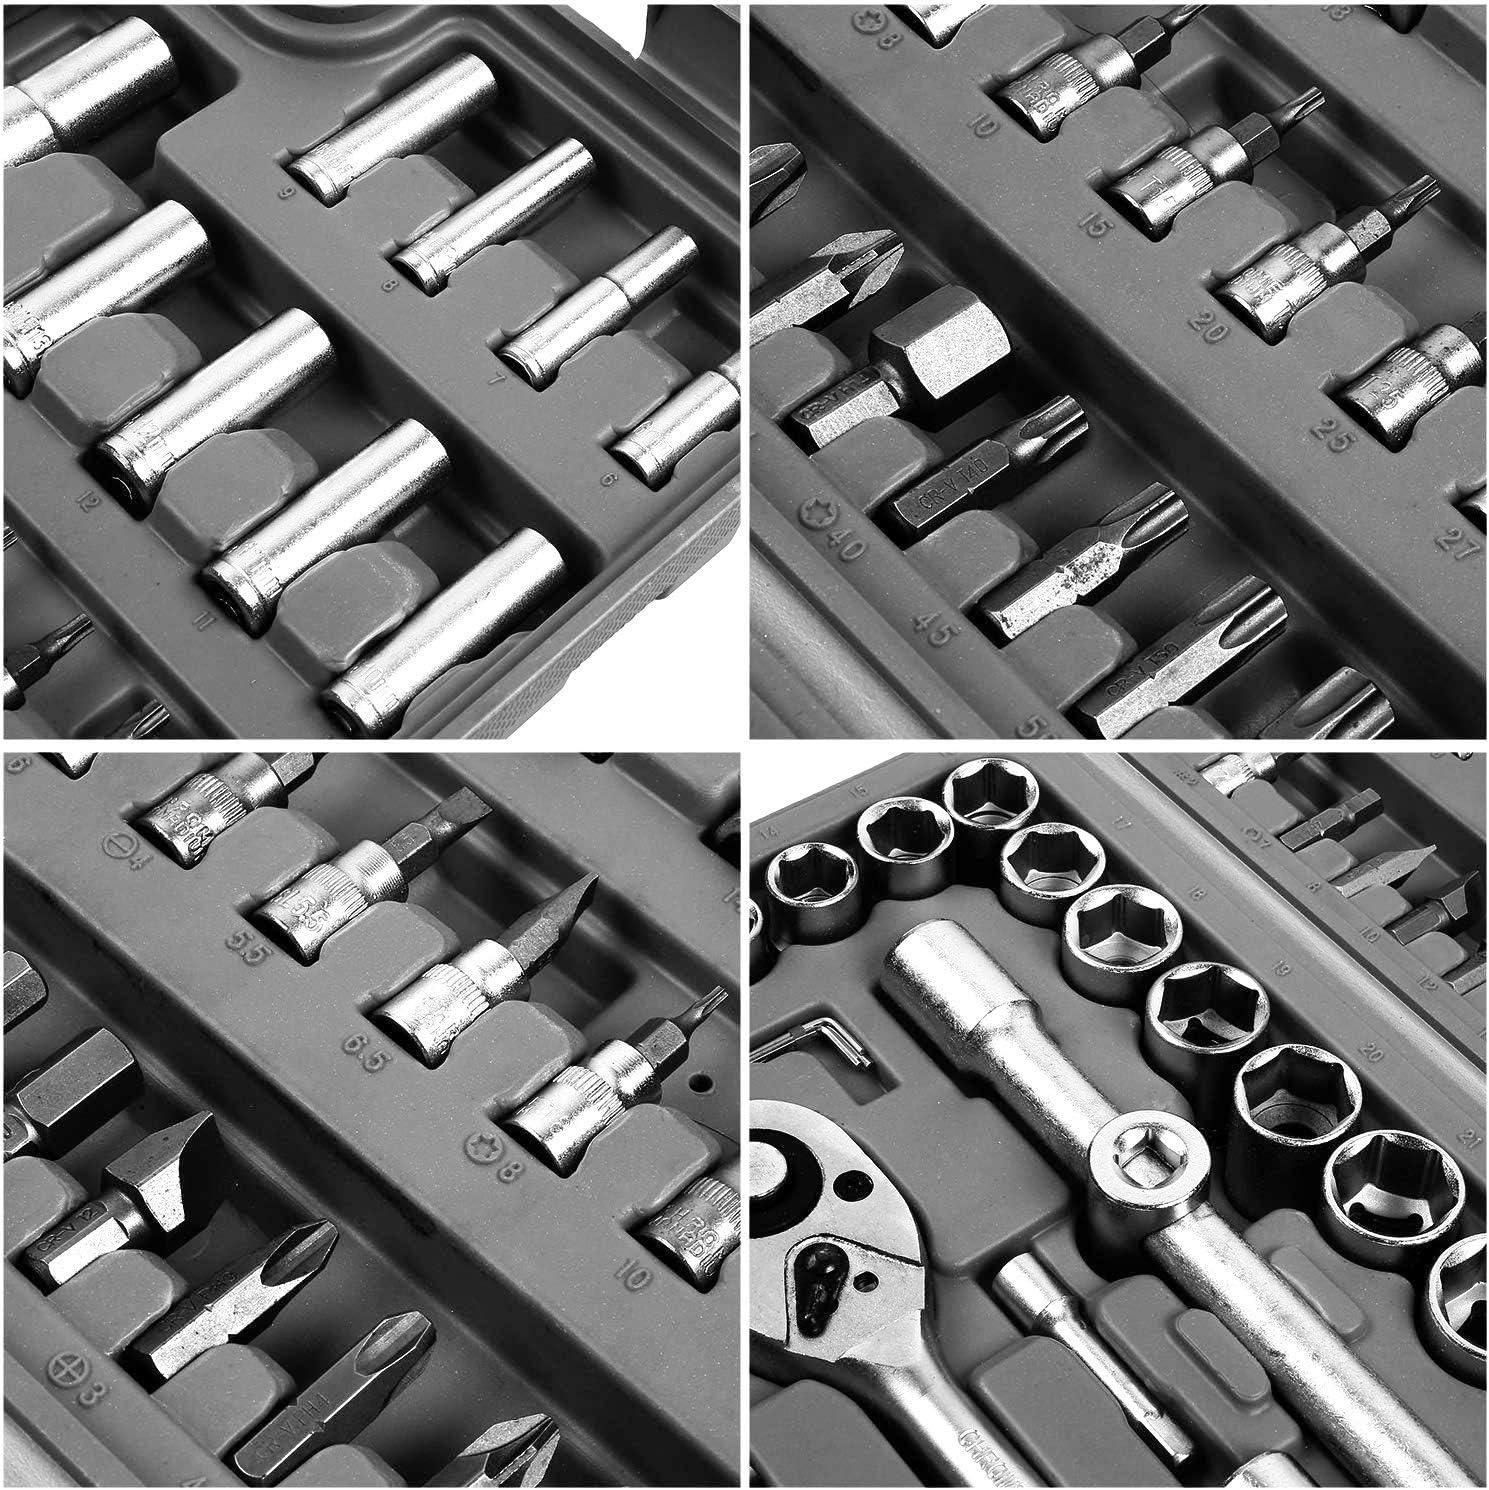 F/ür Montage- /& Schraubarbeiten//Stecknuss-Set//Bit-Set//Werkzeugkoffer 1//4 Zoll 1//2 Zoll mit Umschaltknarre Steckschl/üssel Satz Knarrenkasten 94-teilig